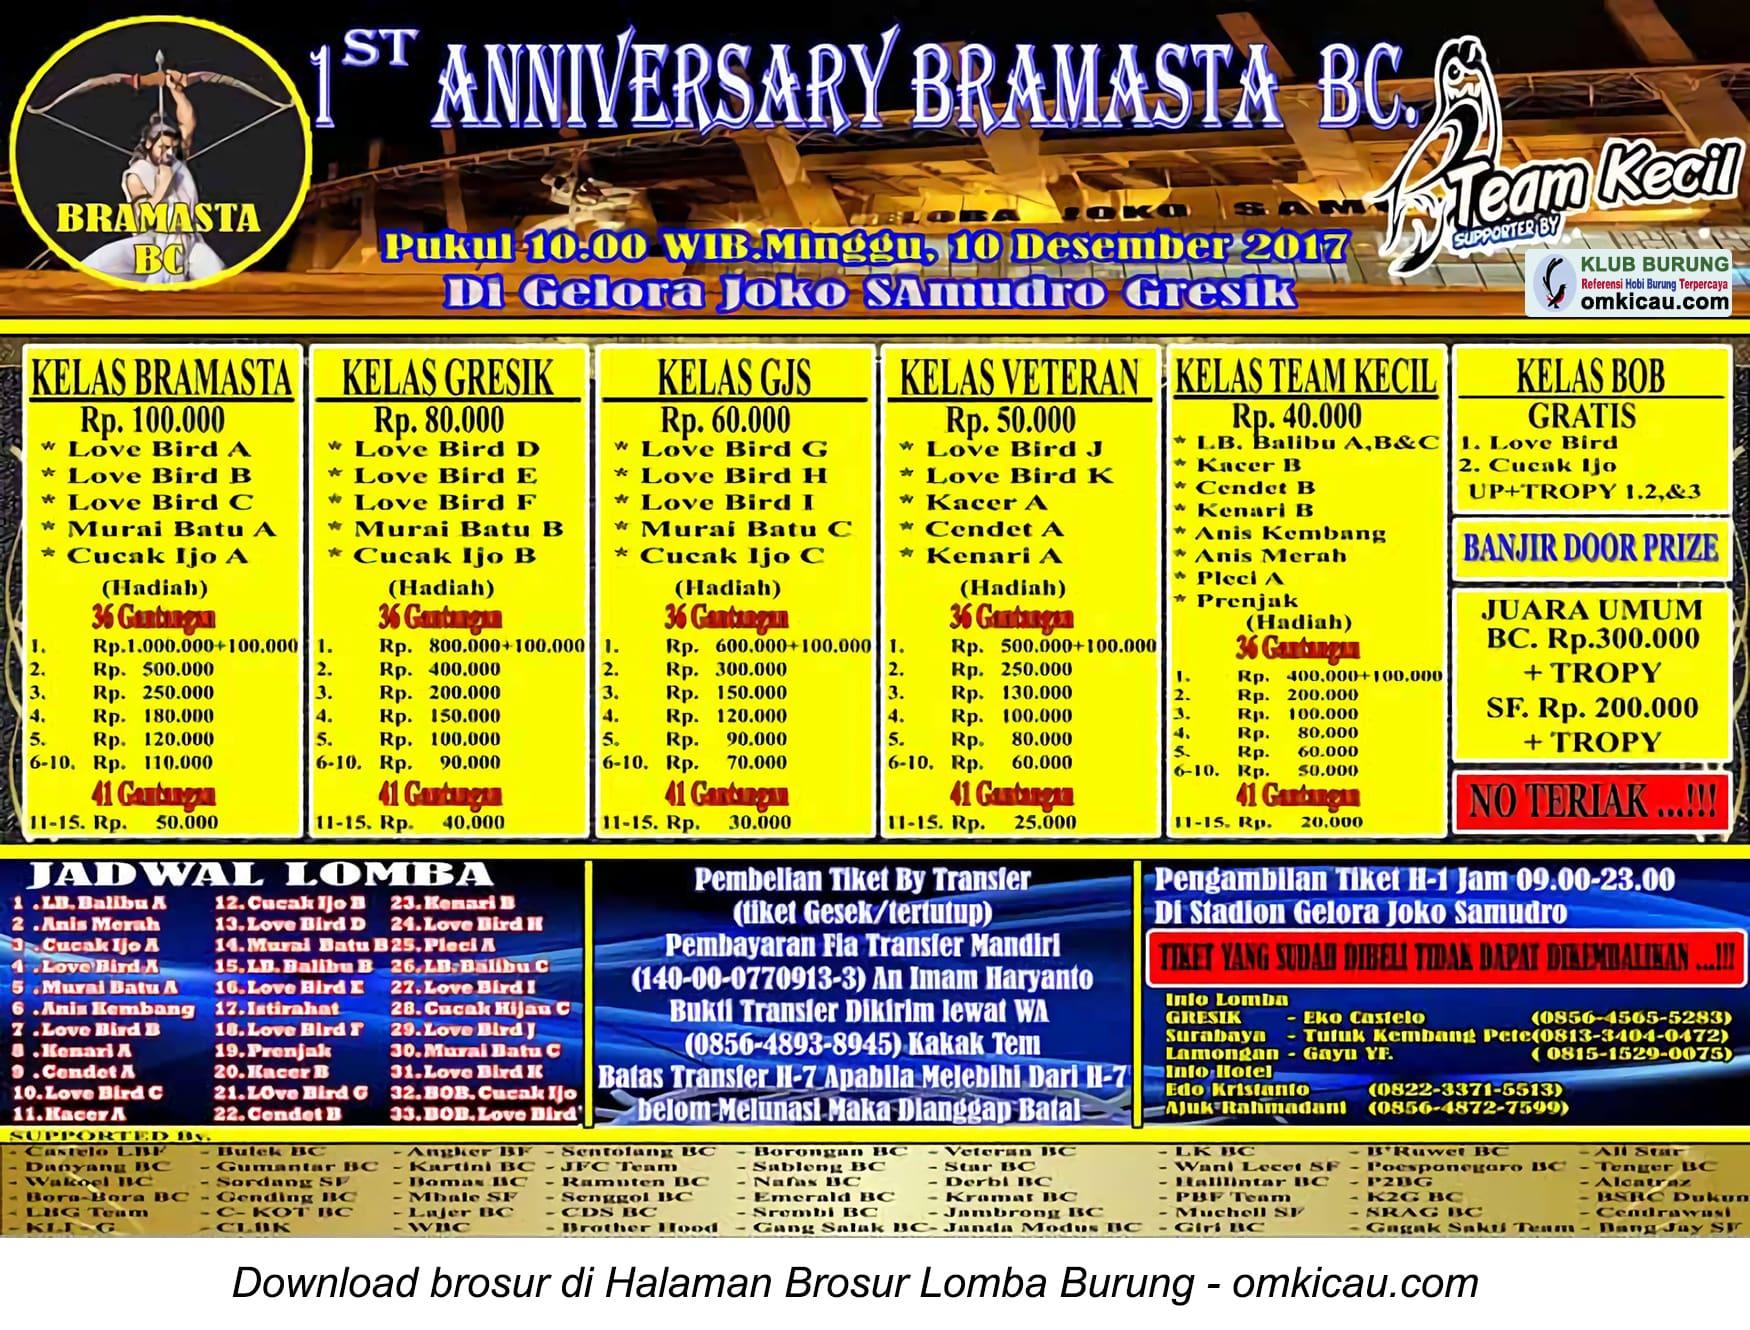 1at Anniversary Bramasta BC